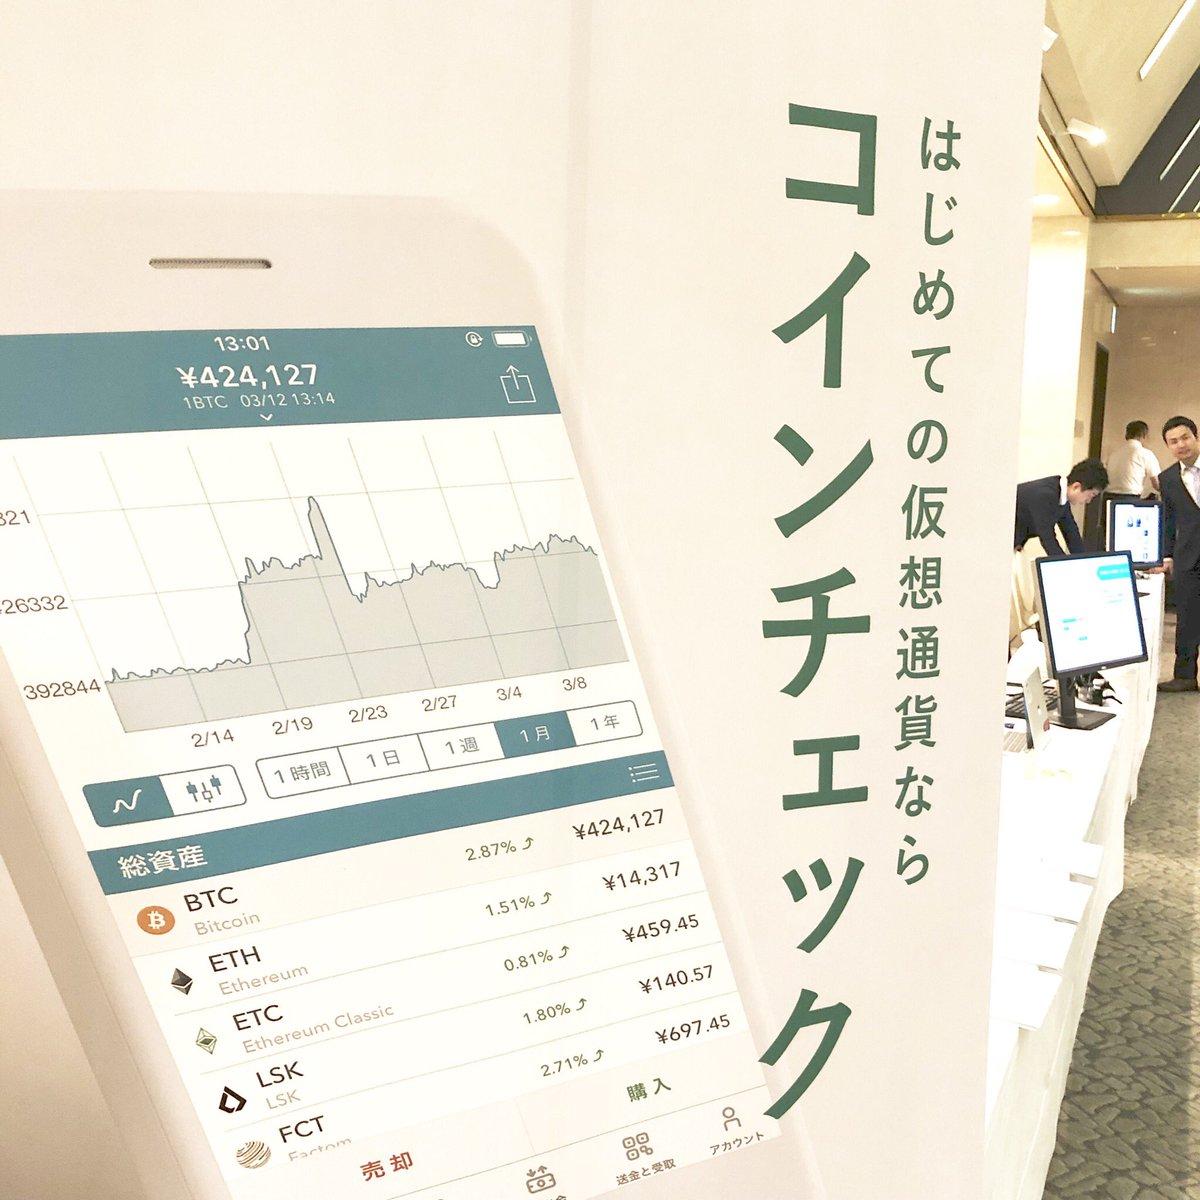 本日は、マネックス全国投資セミナーin仙台 です。ほぼ満席です。少しでも多くの方に仮想通貨を知ってもらうために、がんばります。